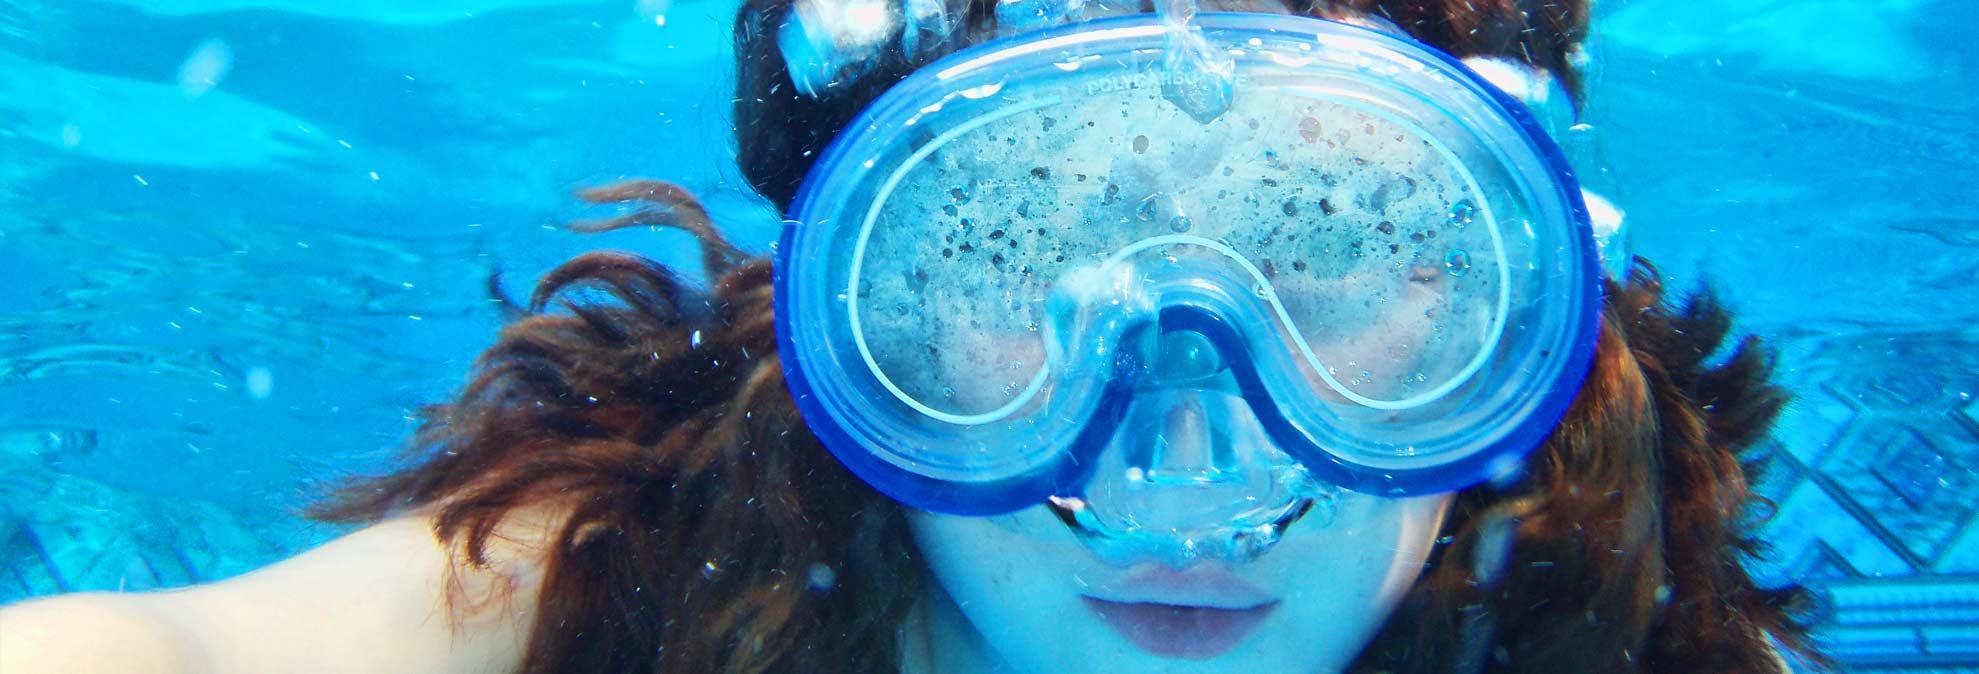 CR-Electronics-Hero-Top-Waterproof-Rugged-Cameras-05-16.jpg